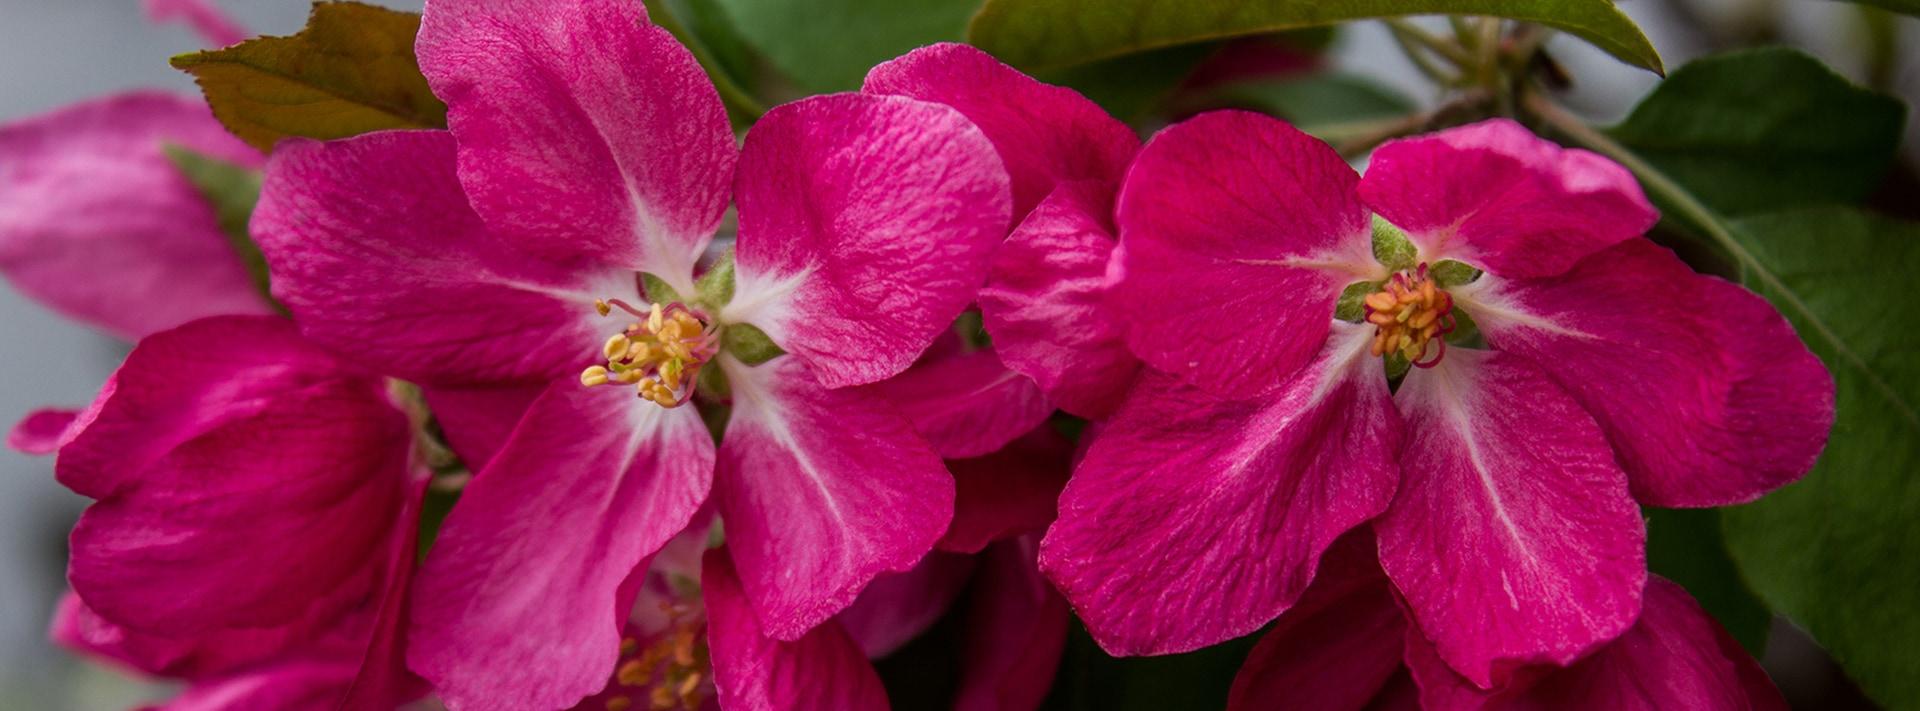 nash-spring-2017-pink_flower